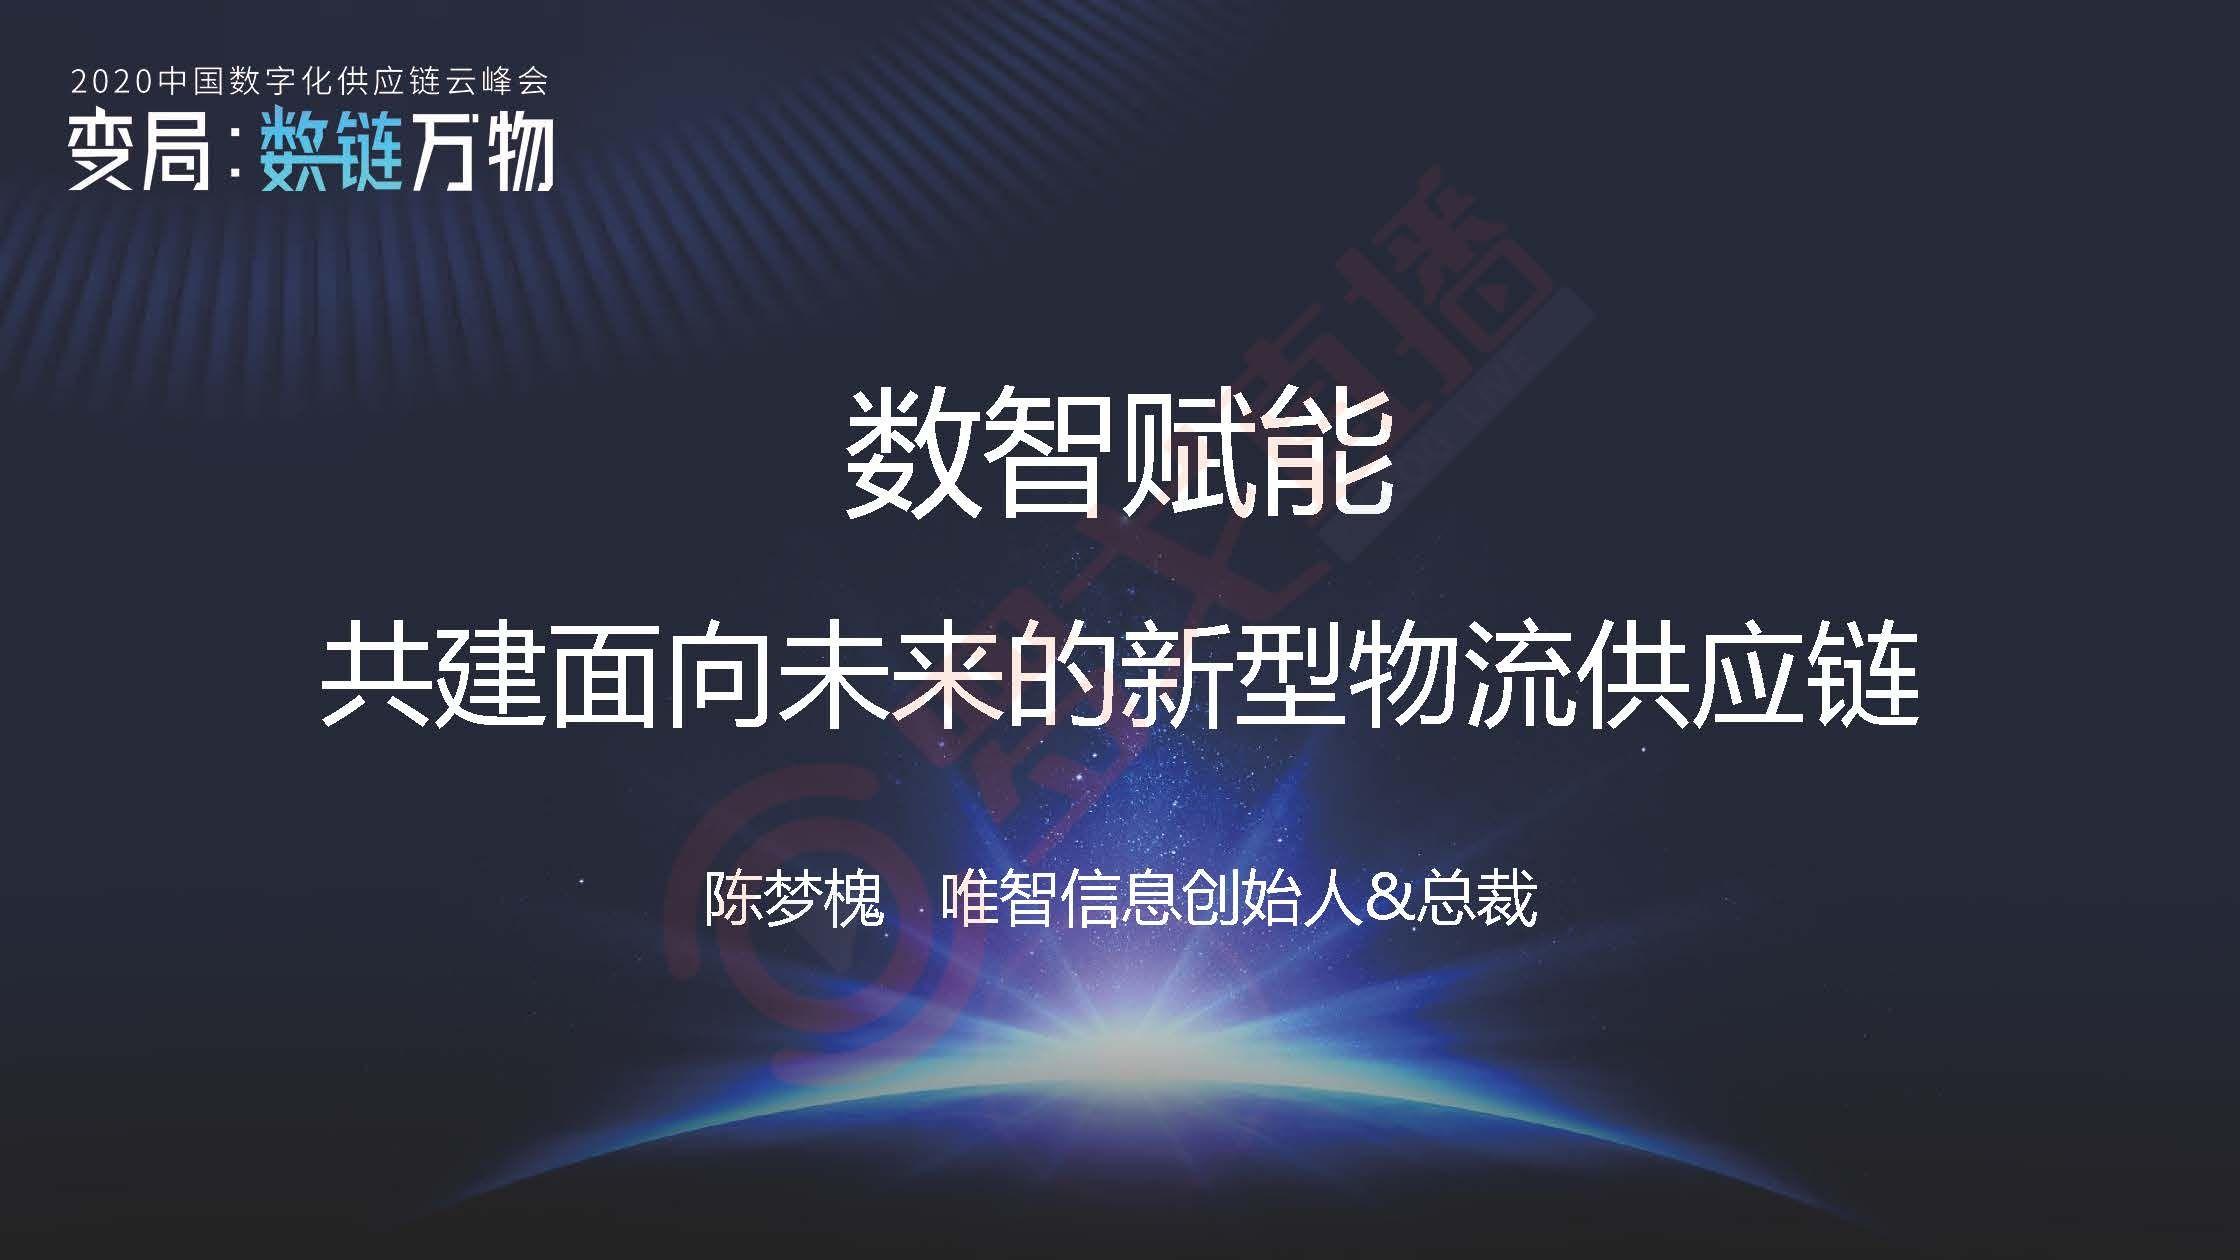 唯智陈梦槐:数智赋能·共建面向未来的新型物流供应链(附下载)